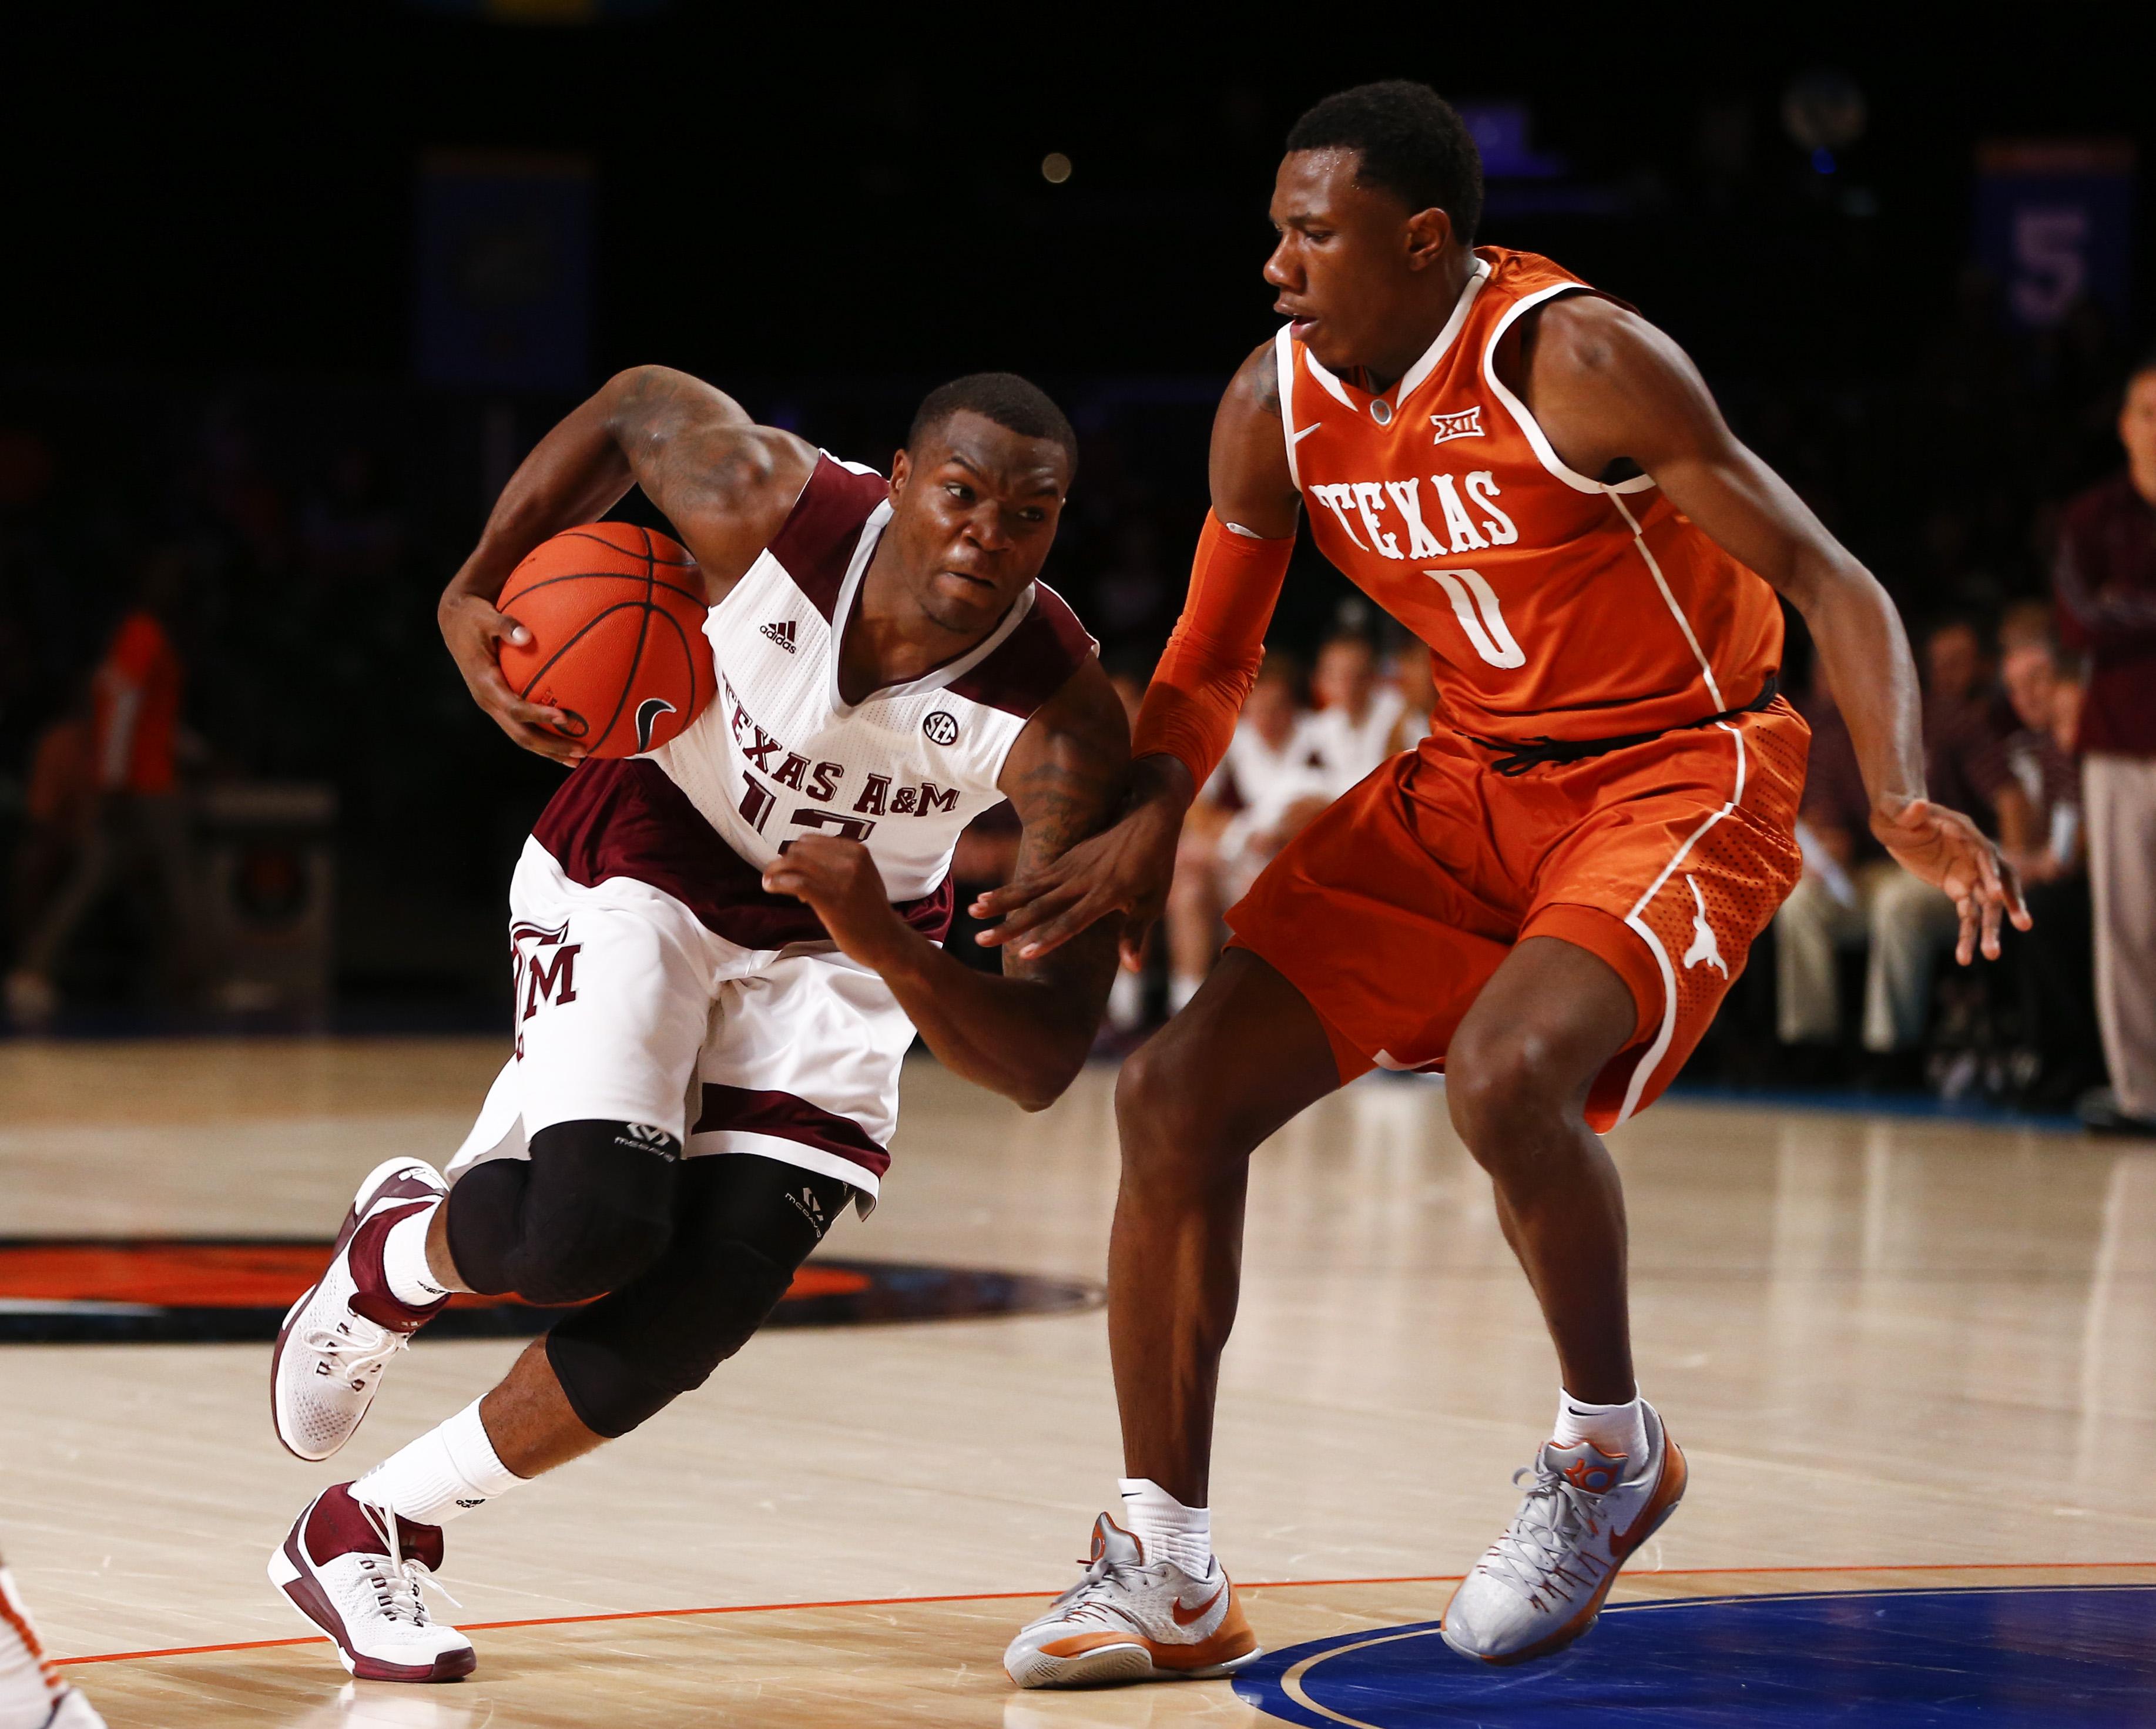 NCAA Basketball: Battle 4 Atlantis-Texas A&M vs Texas